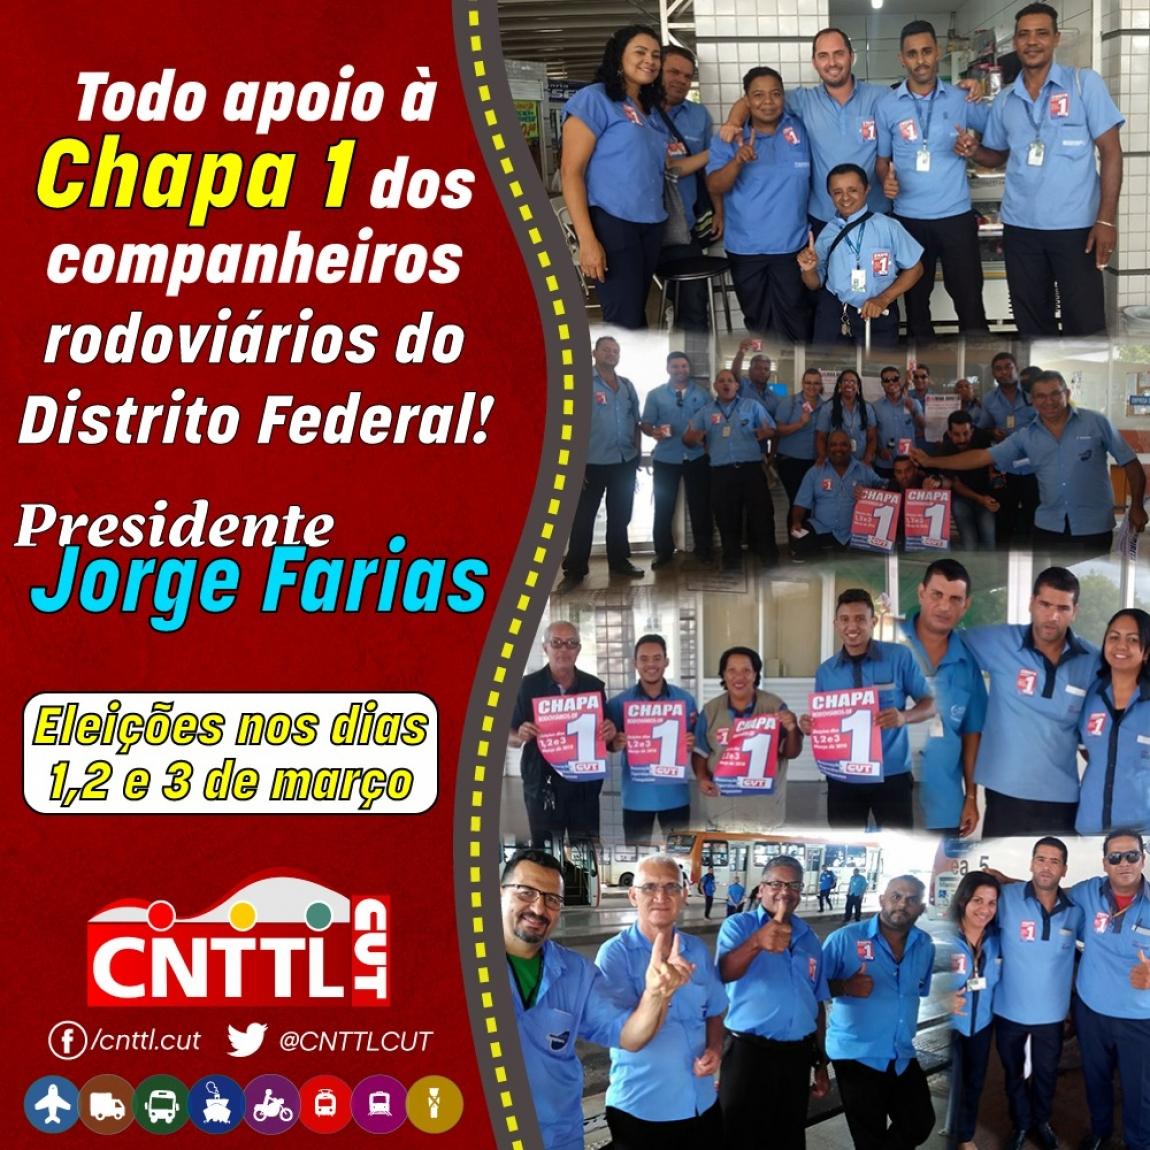 Imagem de Brasília: Rodoviários vão às urnas eleger nova direção do Sindicato nos dias 1, 2 e 3 de março